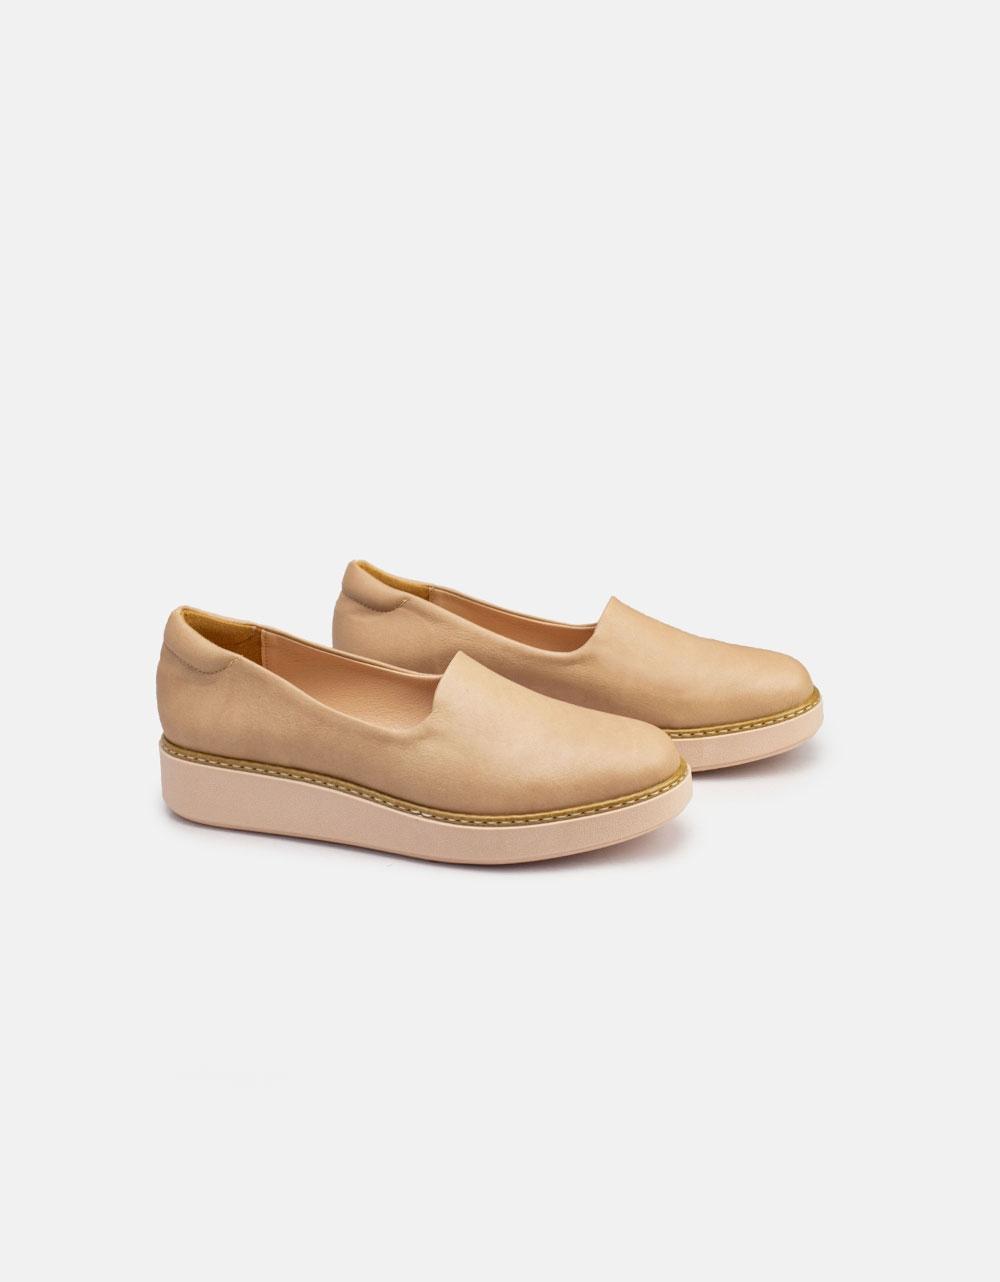 Εικόνα από Γυναικεία loafers σε απλή γραμμή Nude